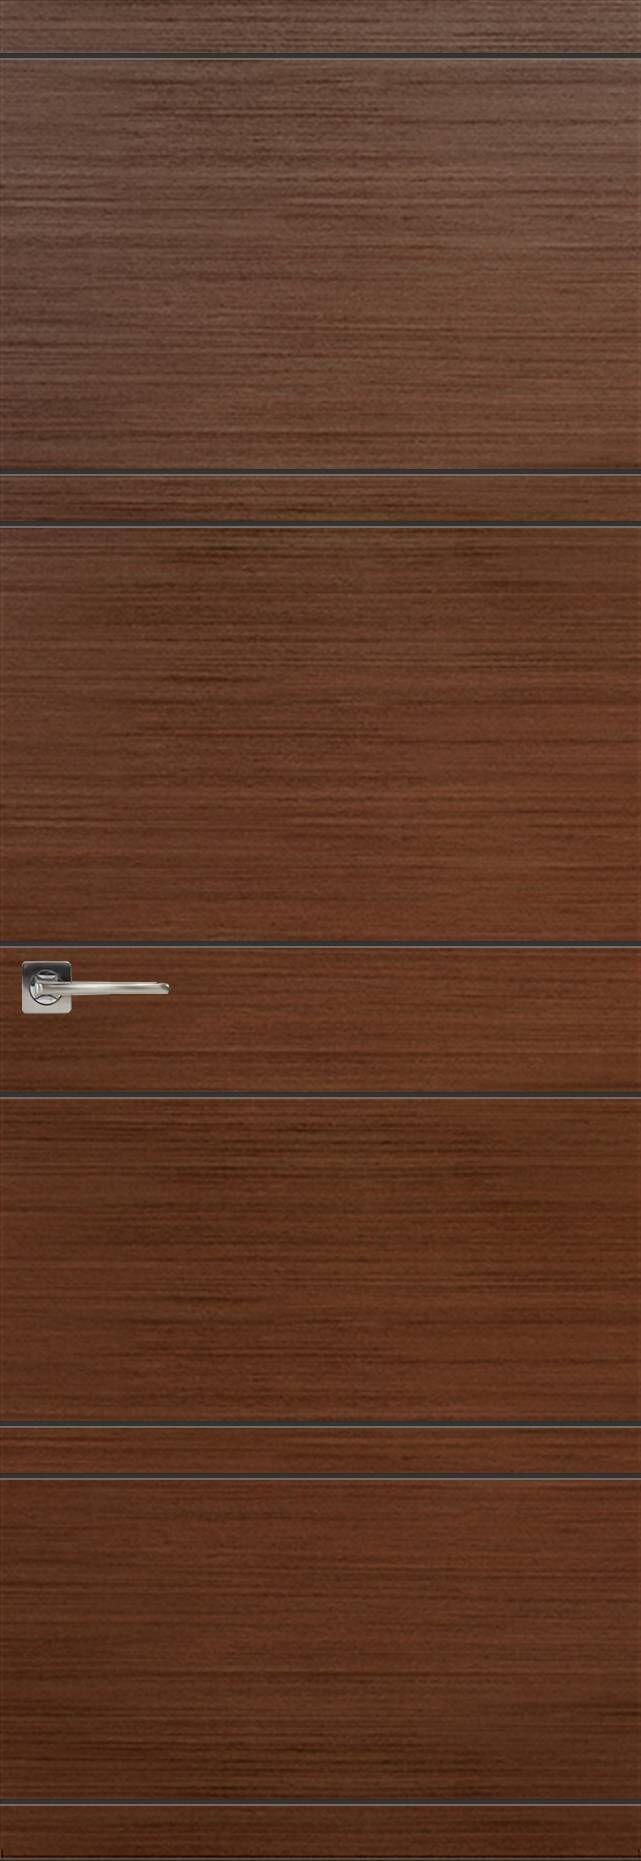 Tivoli Е-2 Невидимка цвет - Темный орех Без стекла (ДГ)